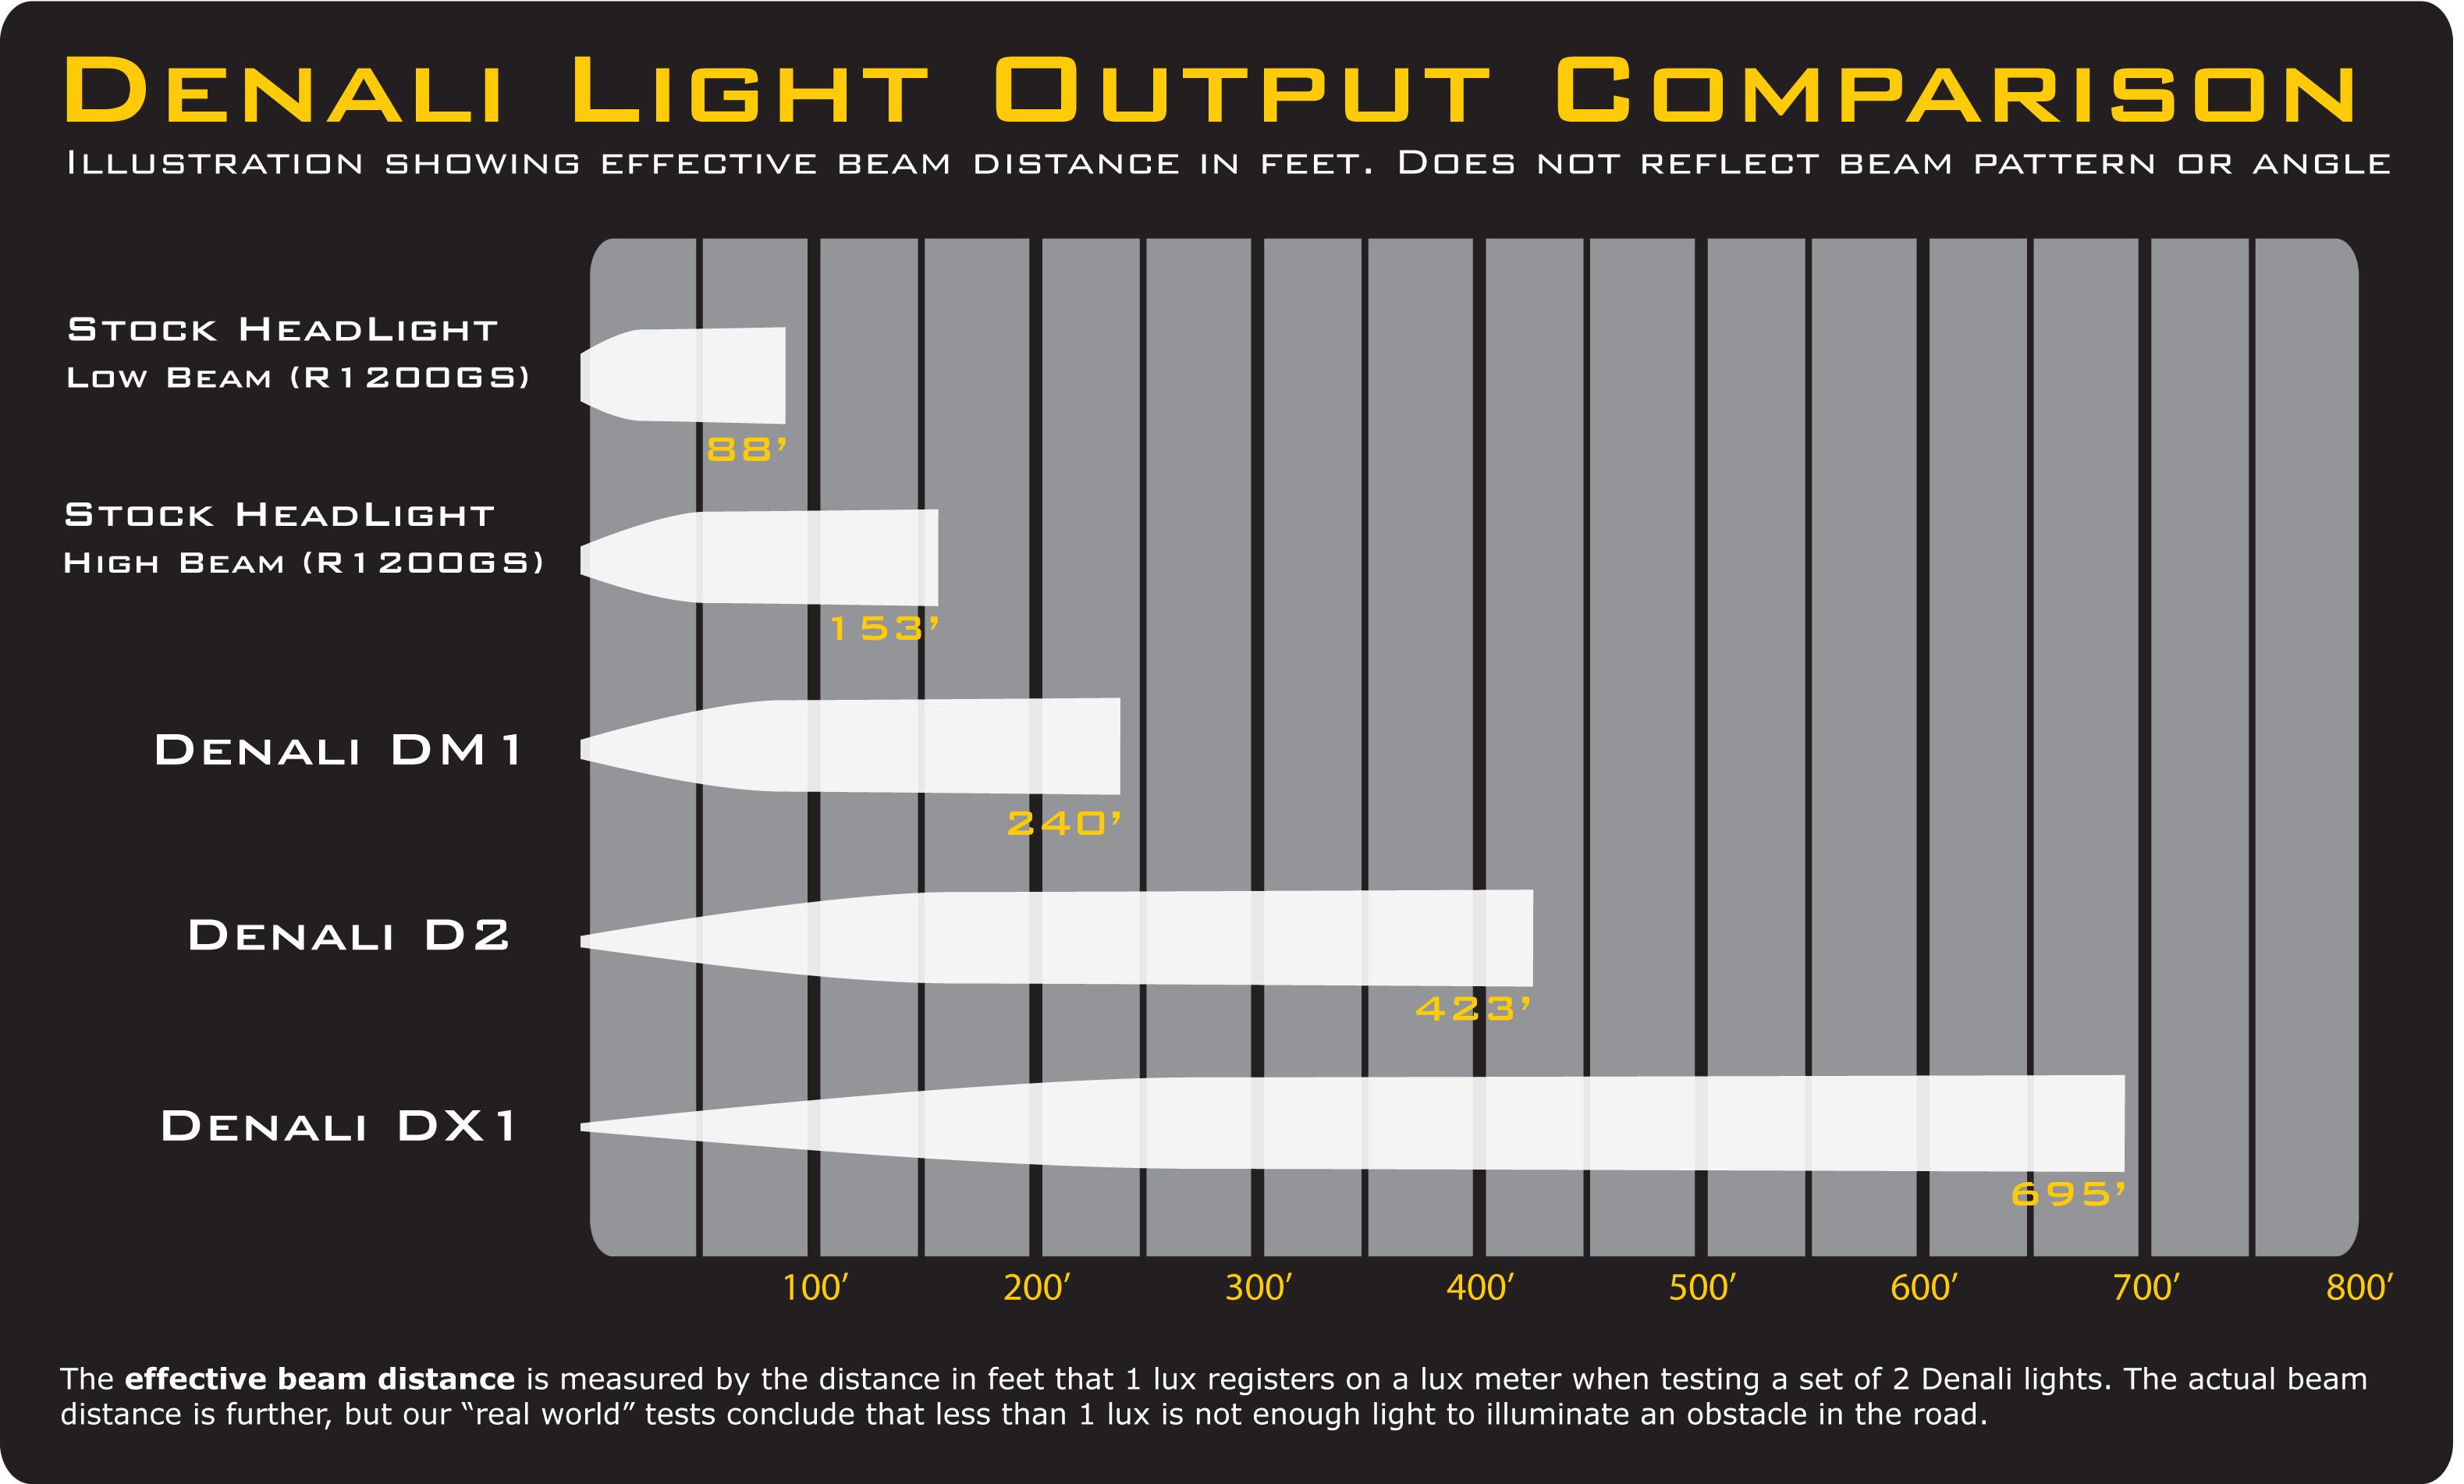 10a2f05a-e3d6-4bf8-b0f3-d7d4618b3d58_Denali_Light_Output_Comparison.jpg